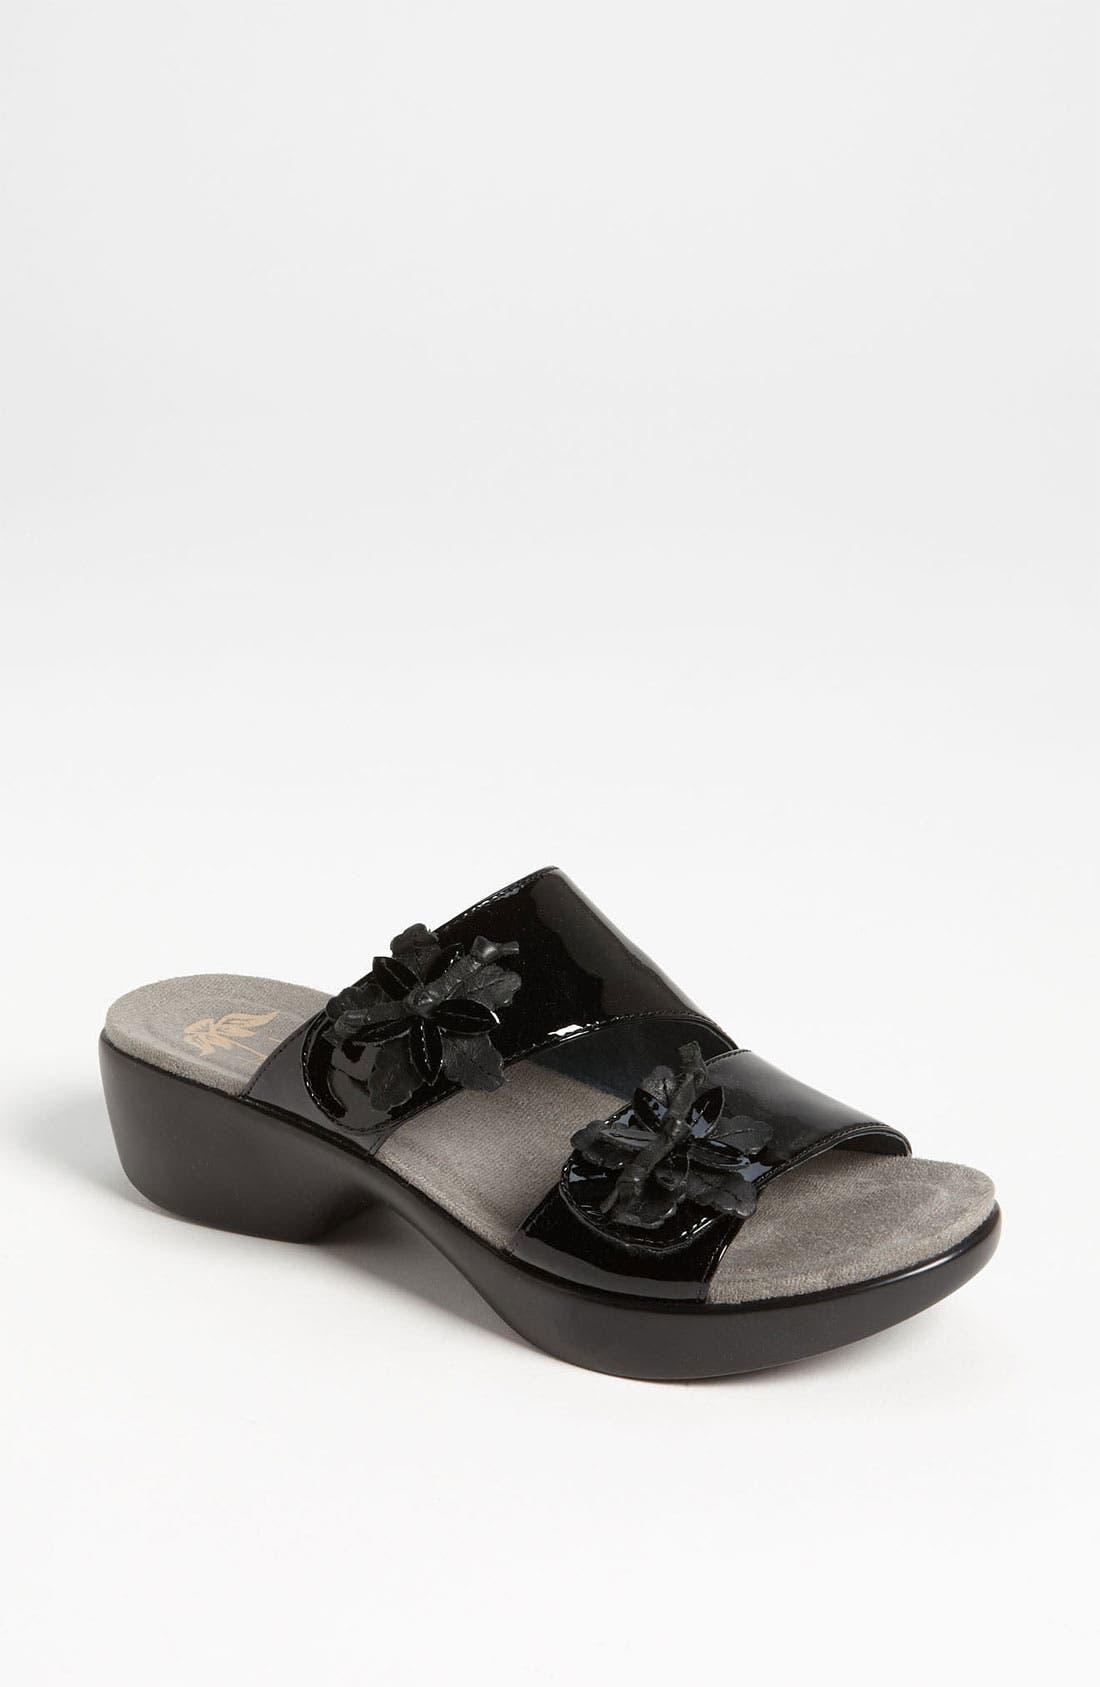 Alternate Image 1 Selected - Dansko 'Donna' Sandal (Online Only)